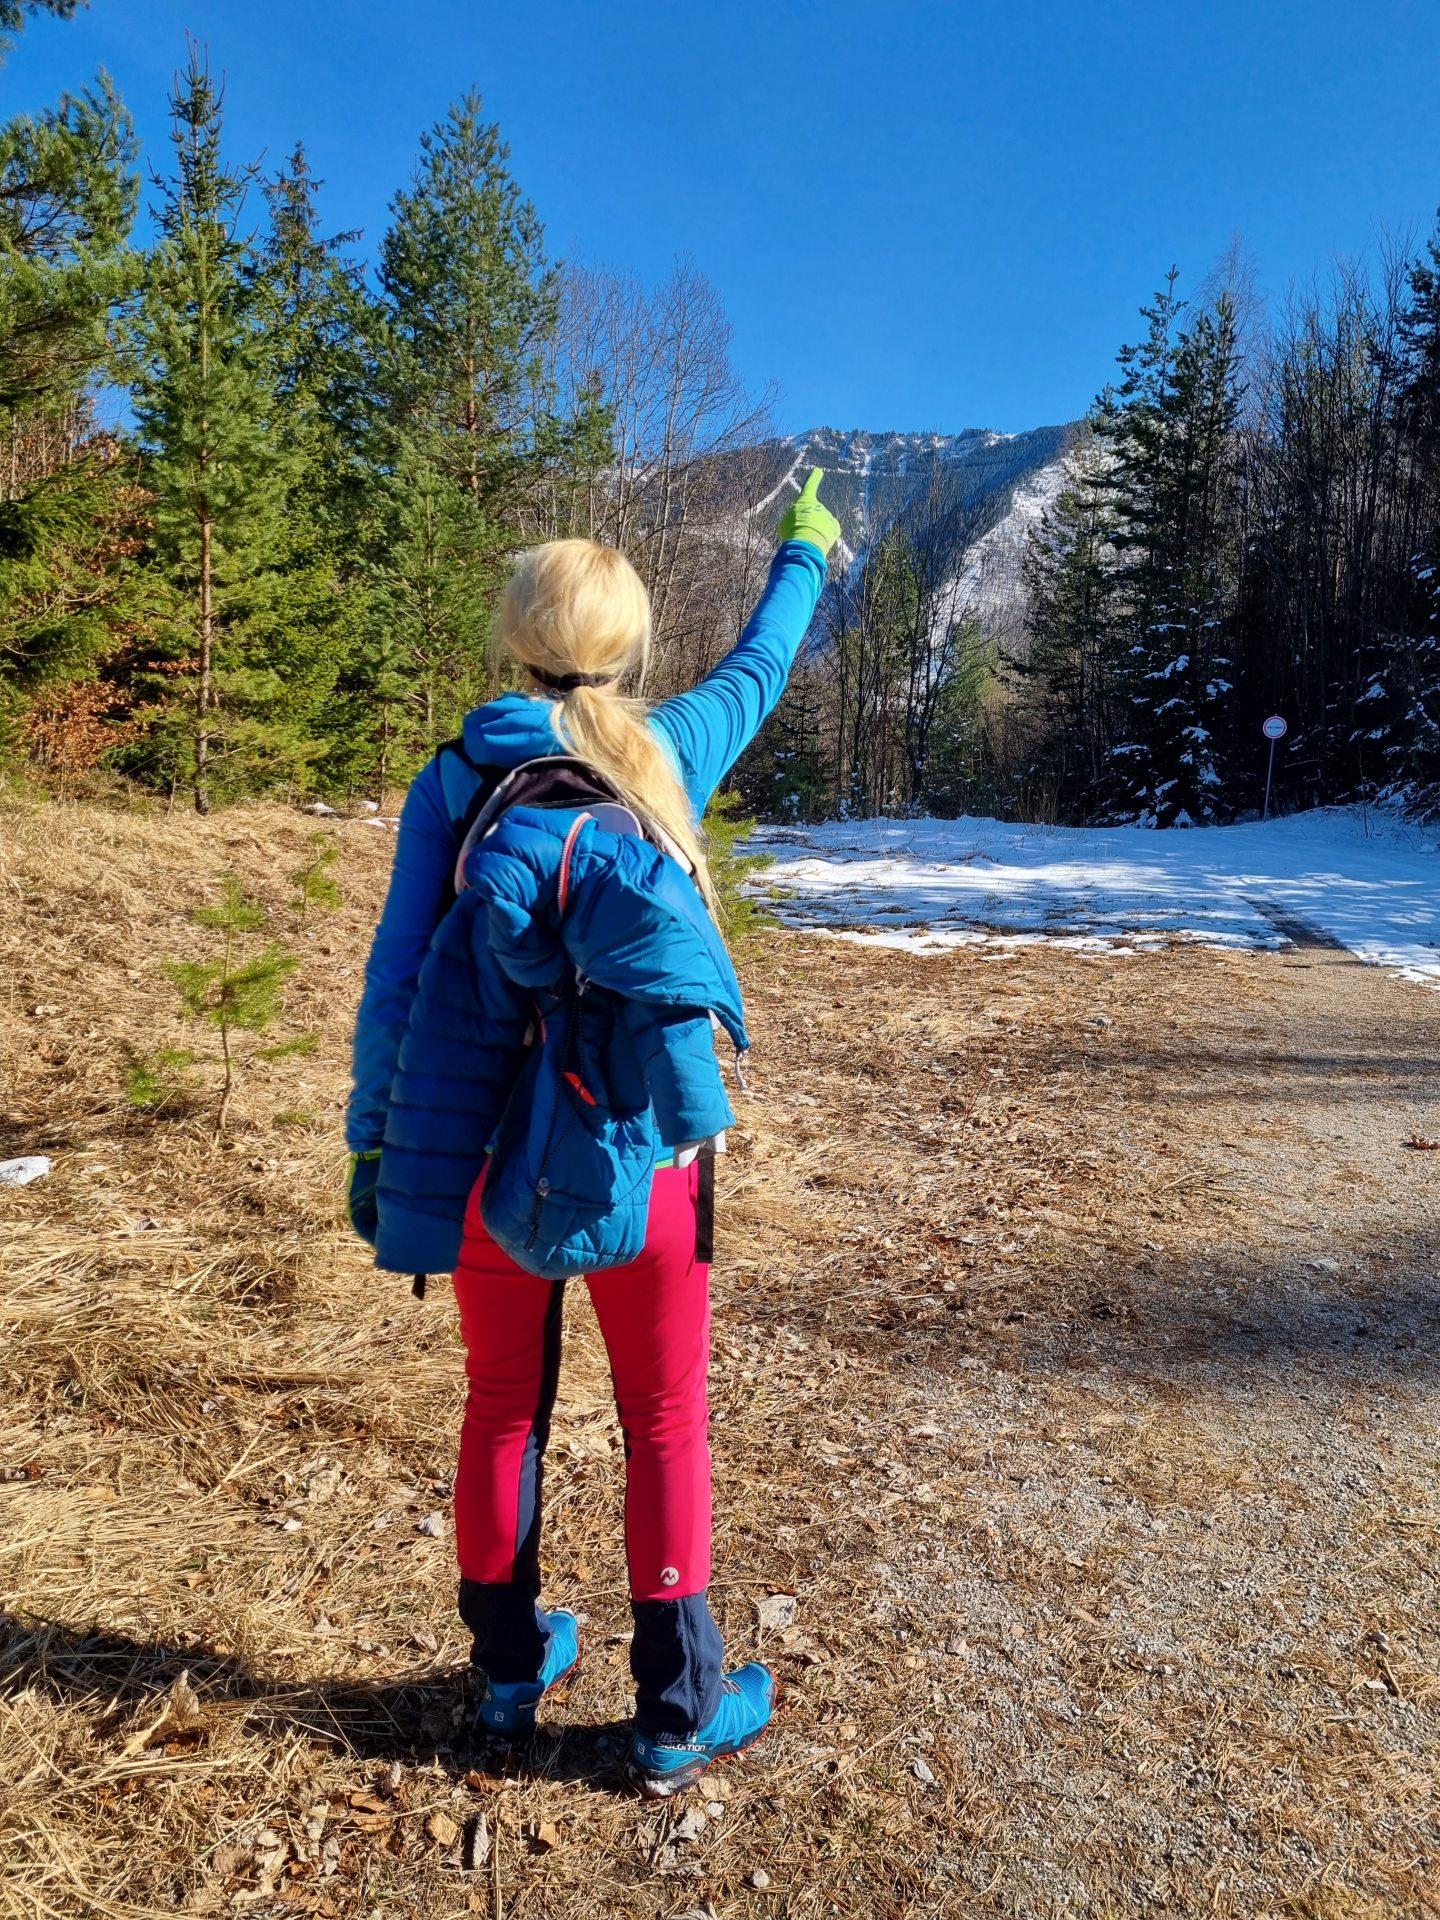 Unterberg - heute wollen wir noch hinaus! - Bäume, Berg, Gipfel, Natur, Personen, Ramsau, Schnee, Unterberg - HOFBAUER-HOFMANN Sofia - (Adamsthal, Kieneck, Niederösterreich, Österreich)